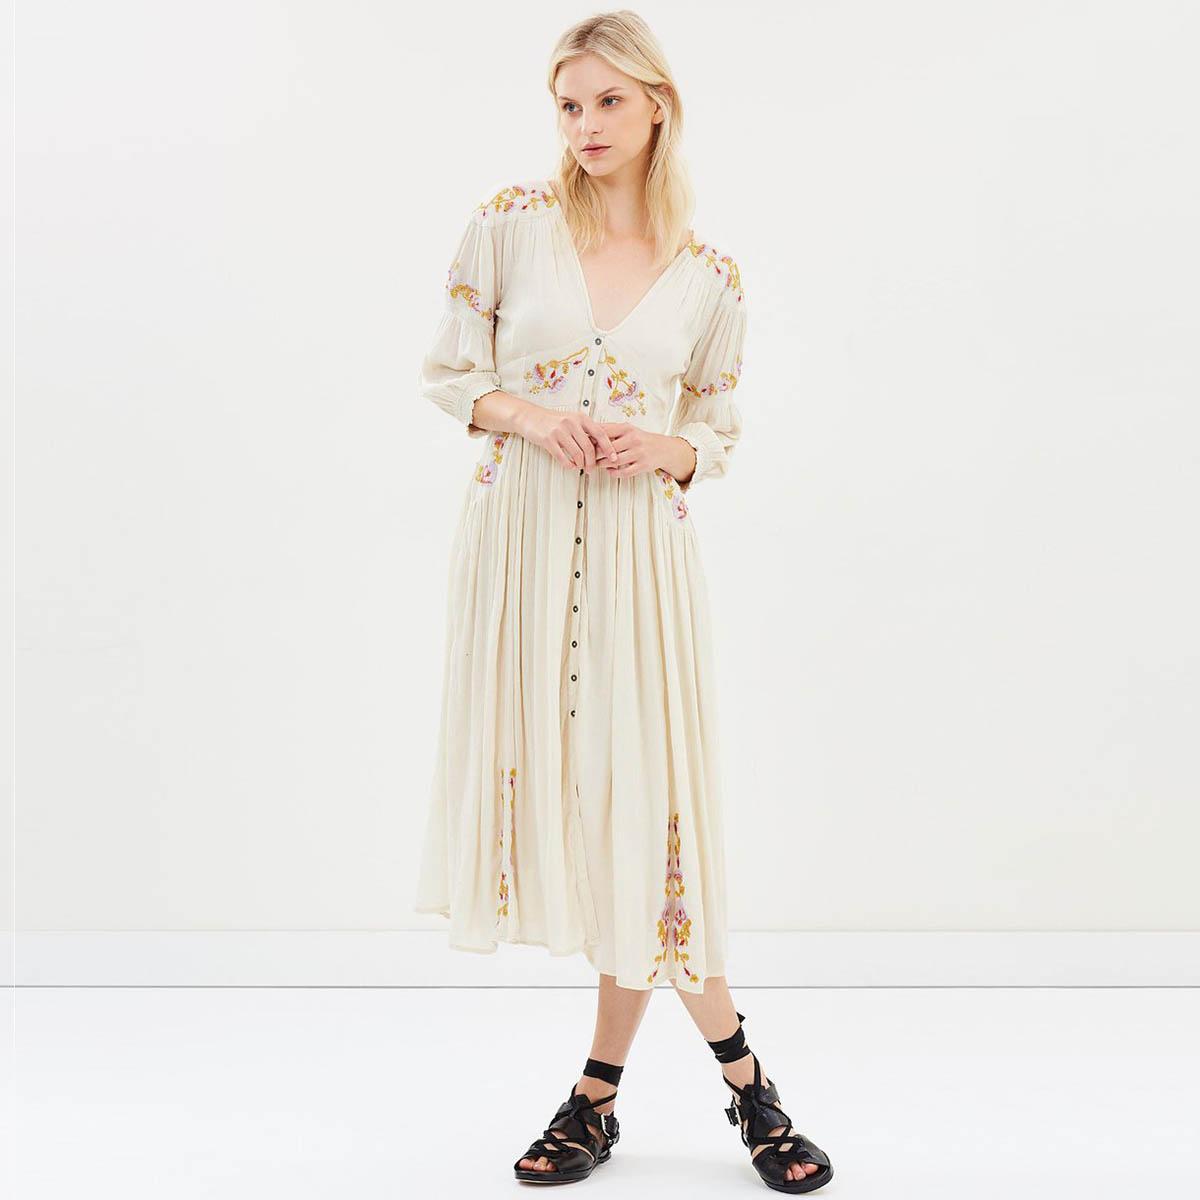 Lueur Chic Midi robe pour femmes 2019 D'été col en V de Split Bouton-up Sexy Robes Dames Boho Floral Broderie Beach Party conduites de carburant